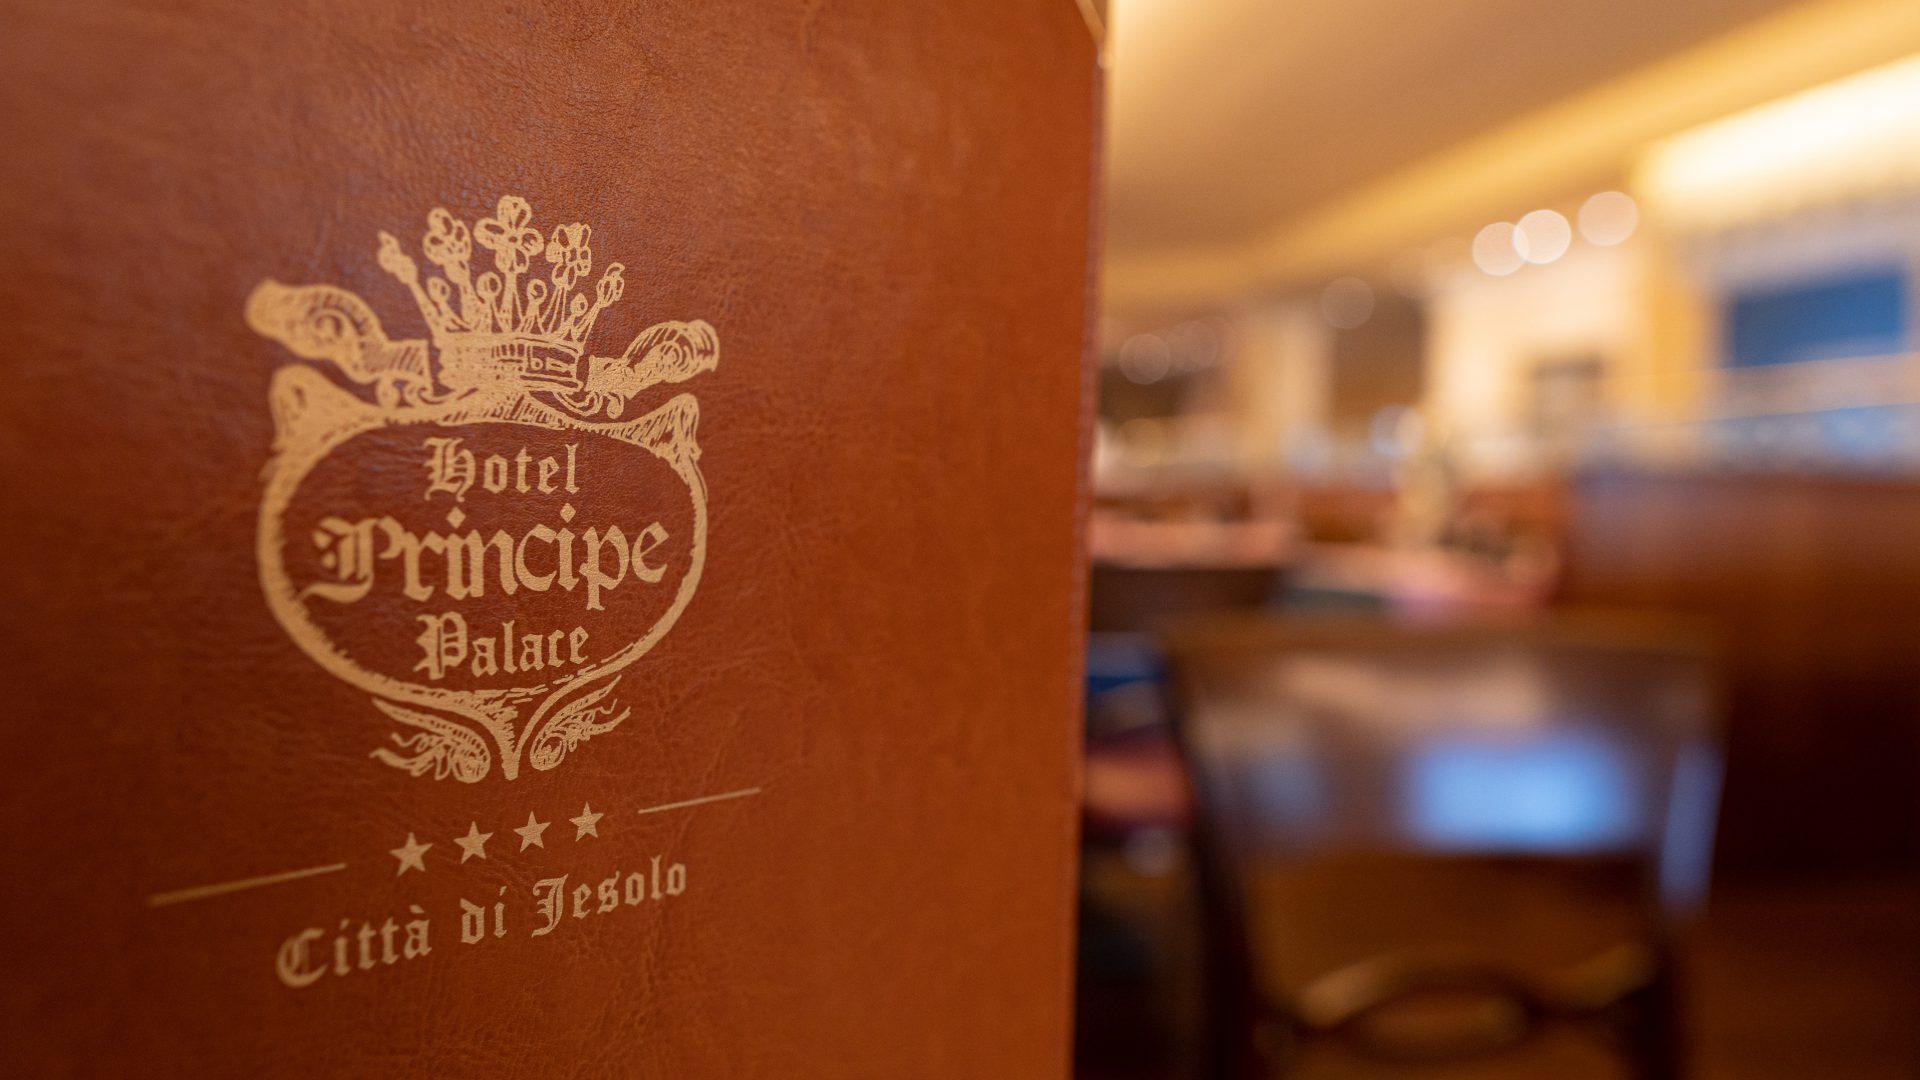 Ristorante albergo Hotel Principe Palace in Piazza Mazzini a Jesolo Lido Italy